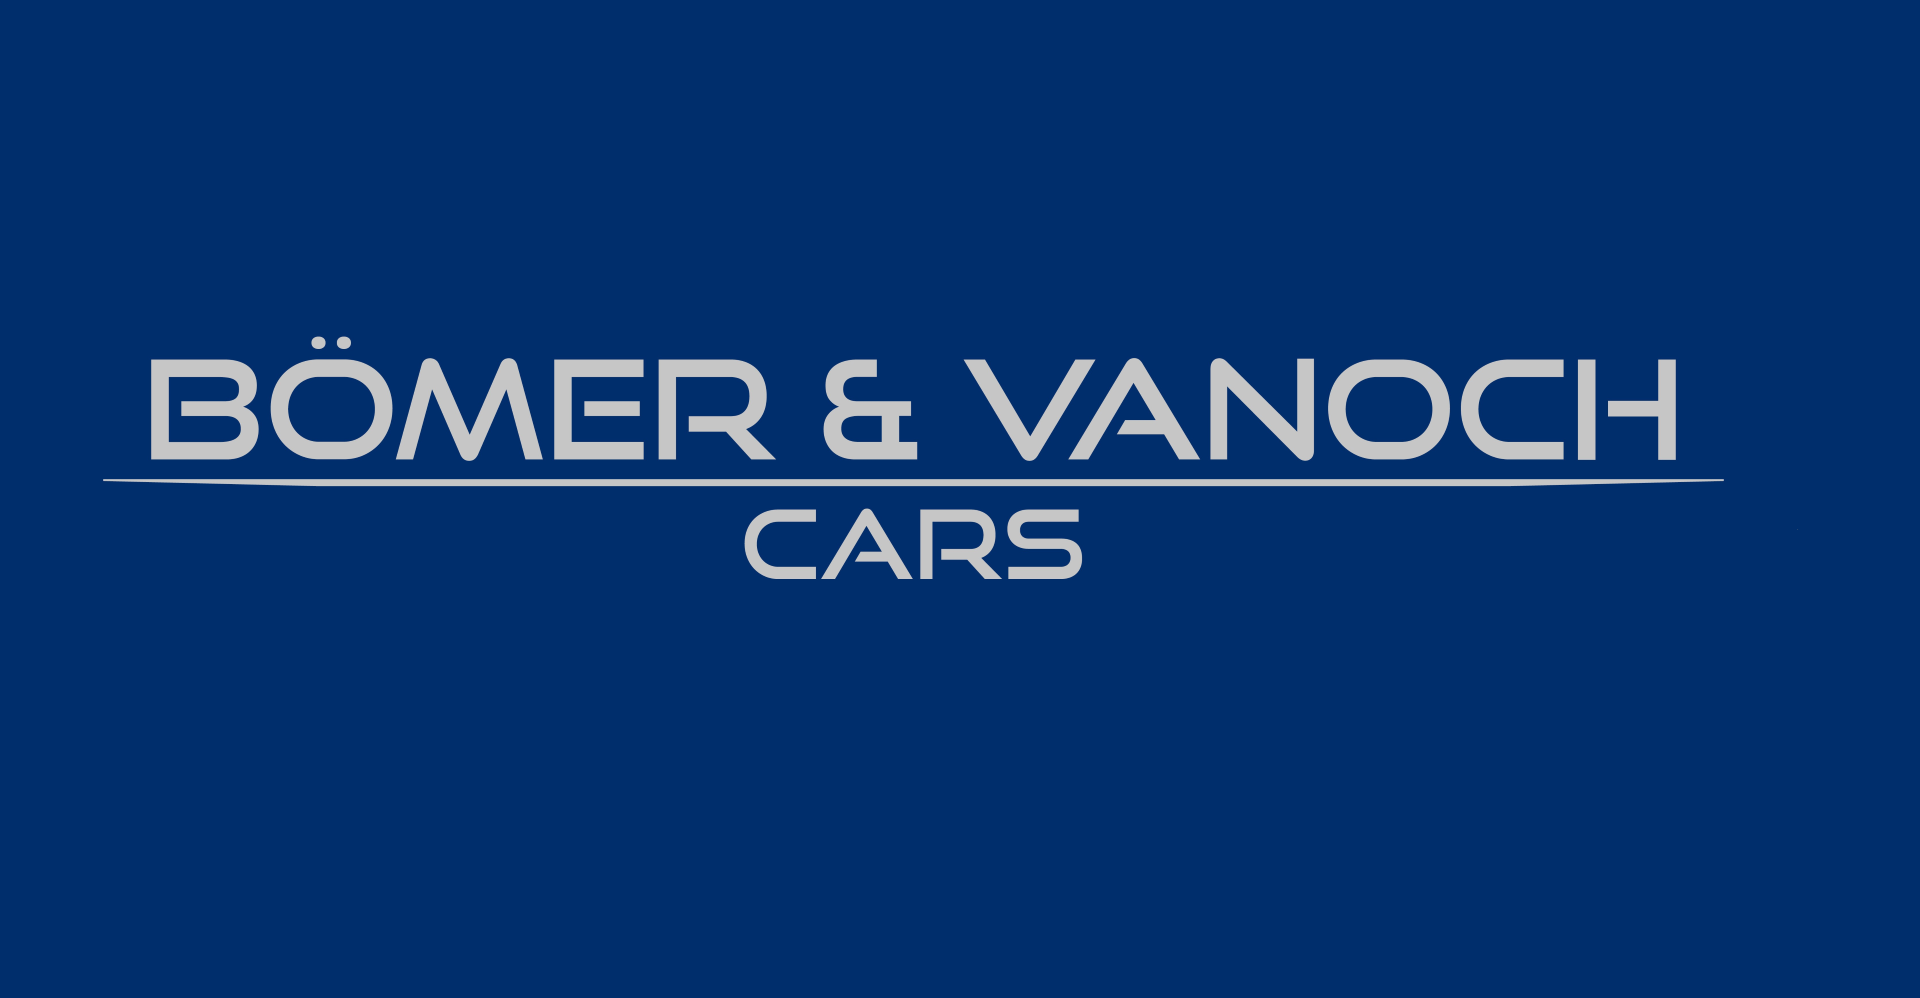 Logo Bomer van Och sportscars